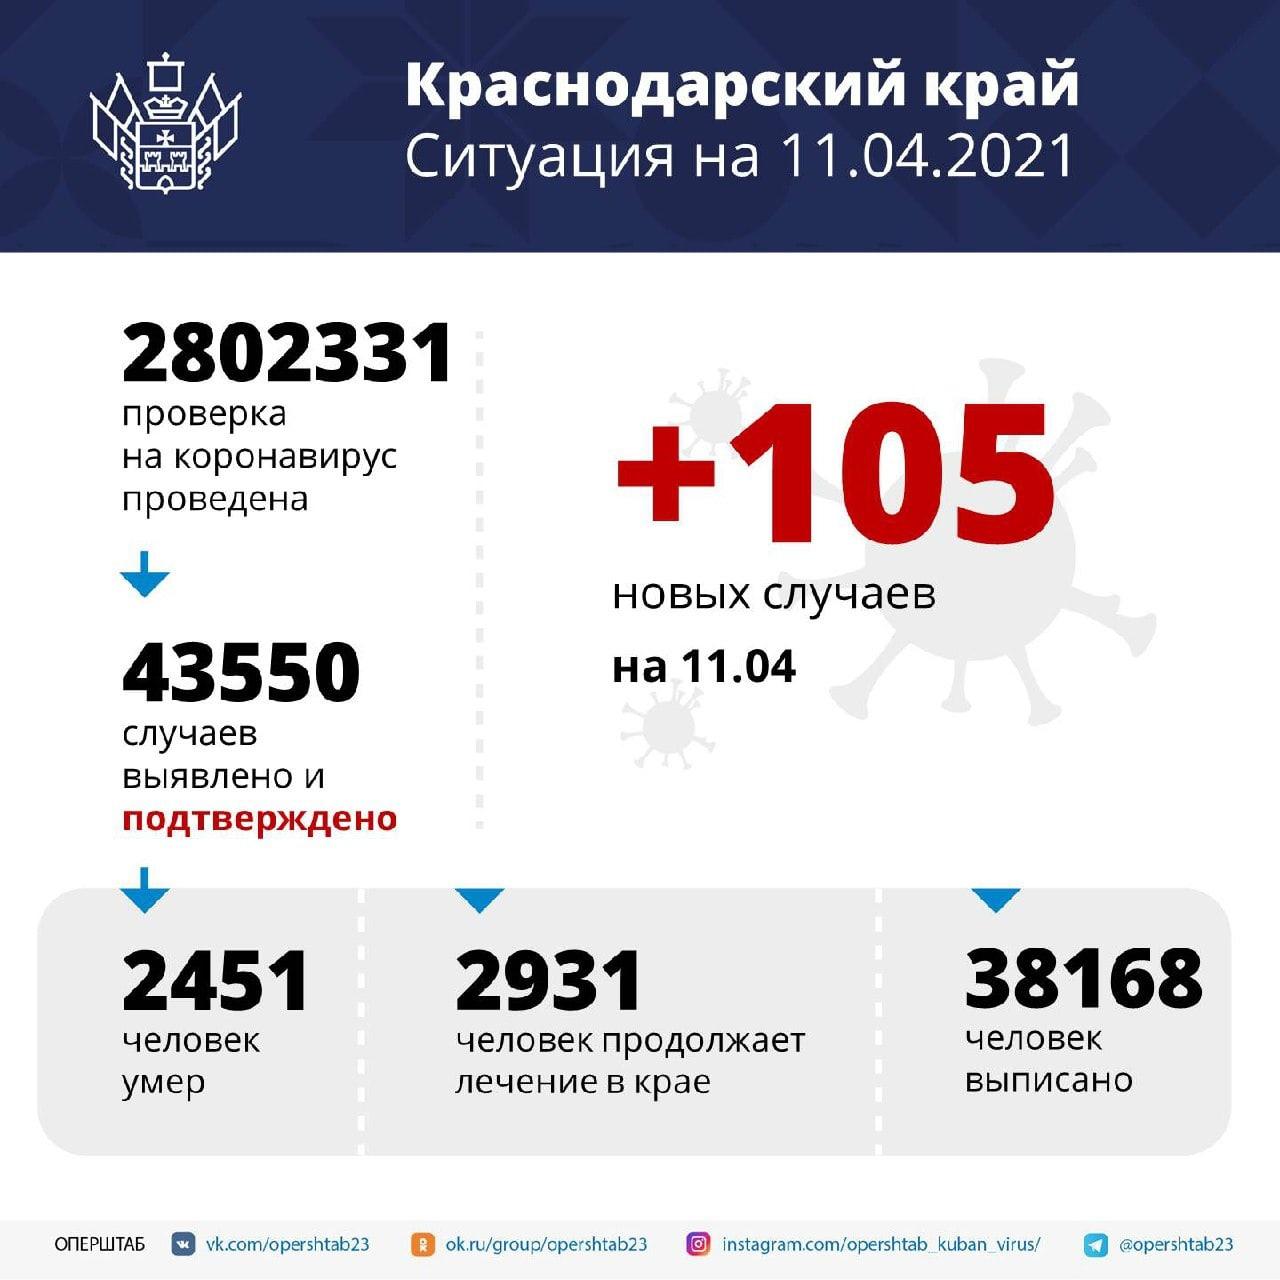 За сутки на Кубани зарегистрировали 105 заболевших коронавирусом...